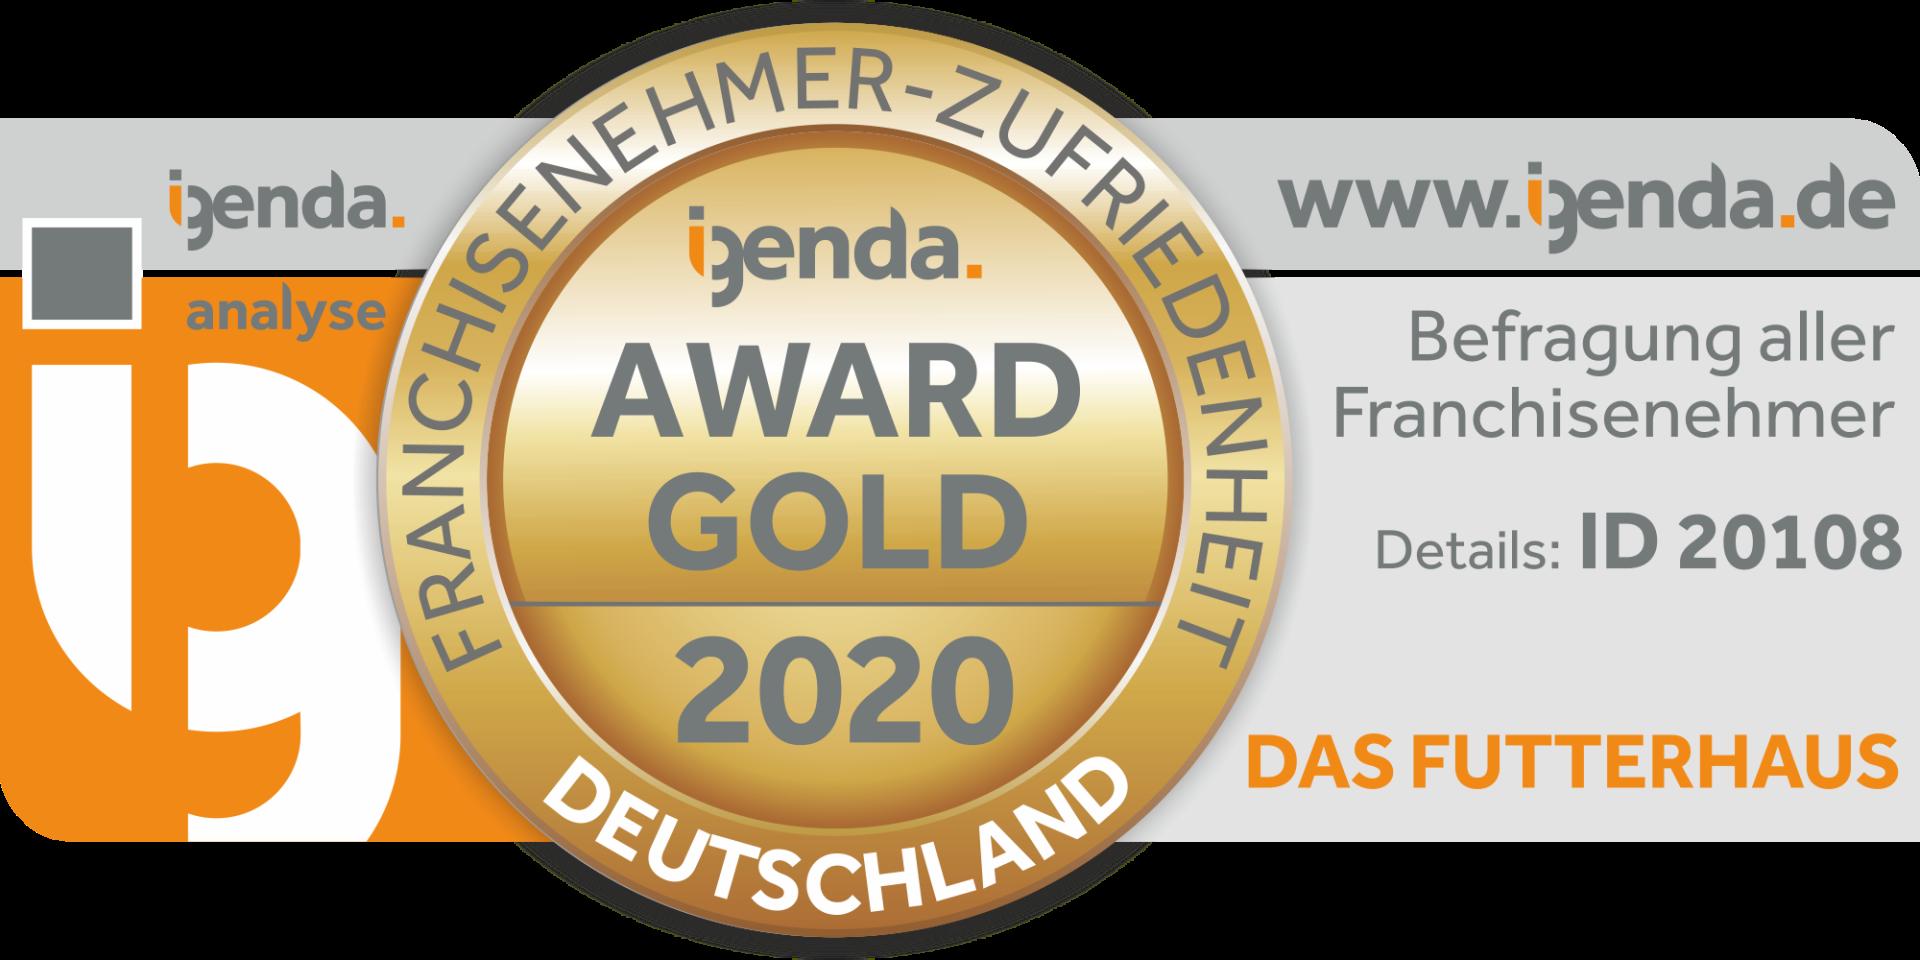 DAS FUTTERHAUS erhält den Gold Award für Franchisepartner-Zufriedenheit